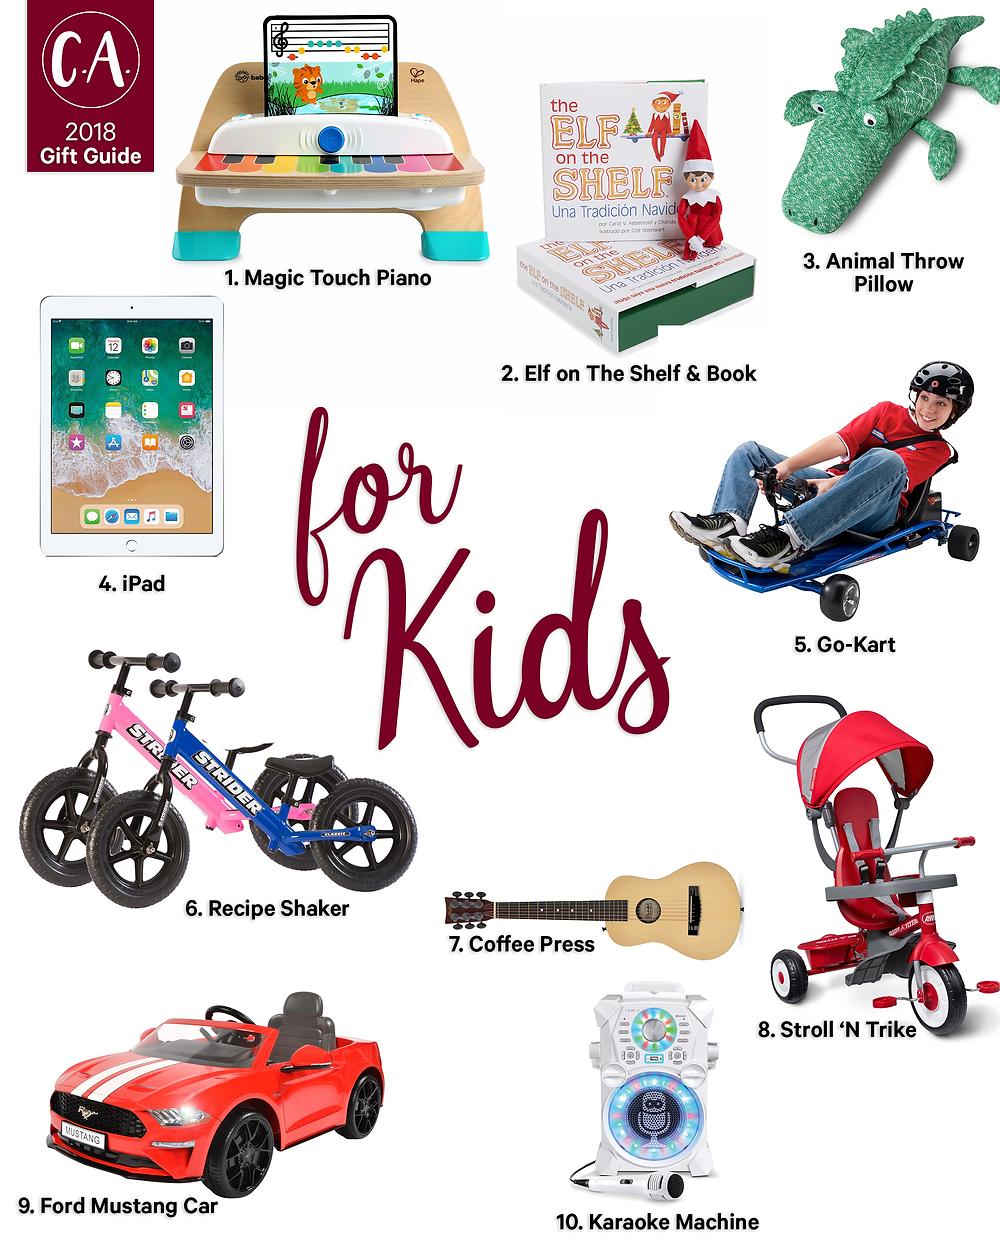 2018 Holiday Gift Guide for Kids - Cassandra Ann - 2018 Popular Blogger